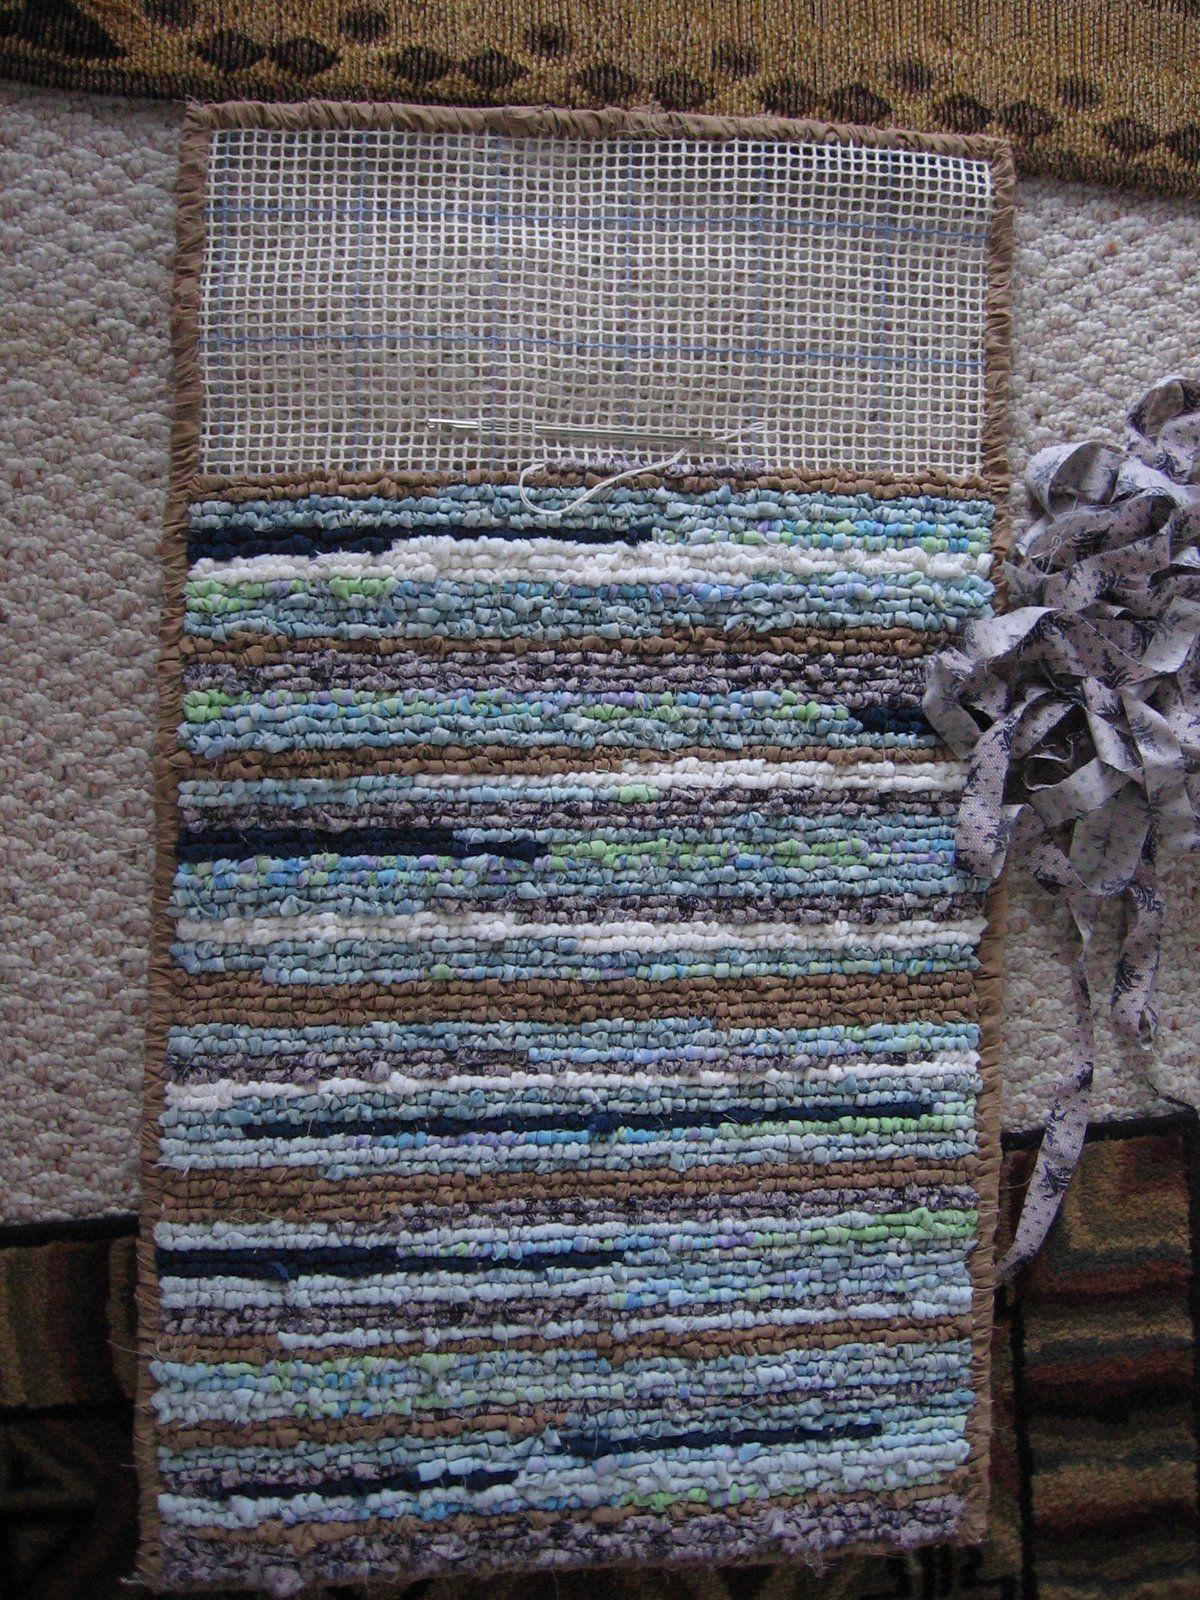 Diy Rag Woven Rug Using Fabric And